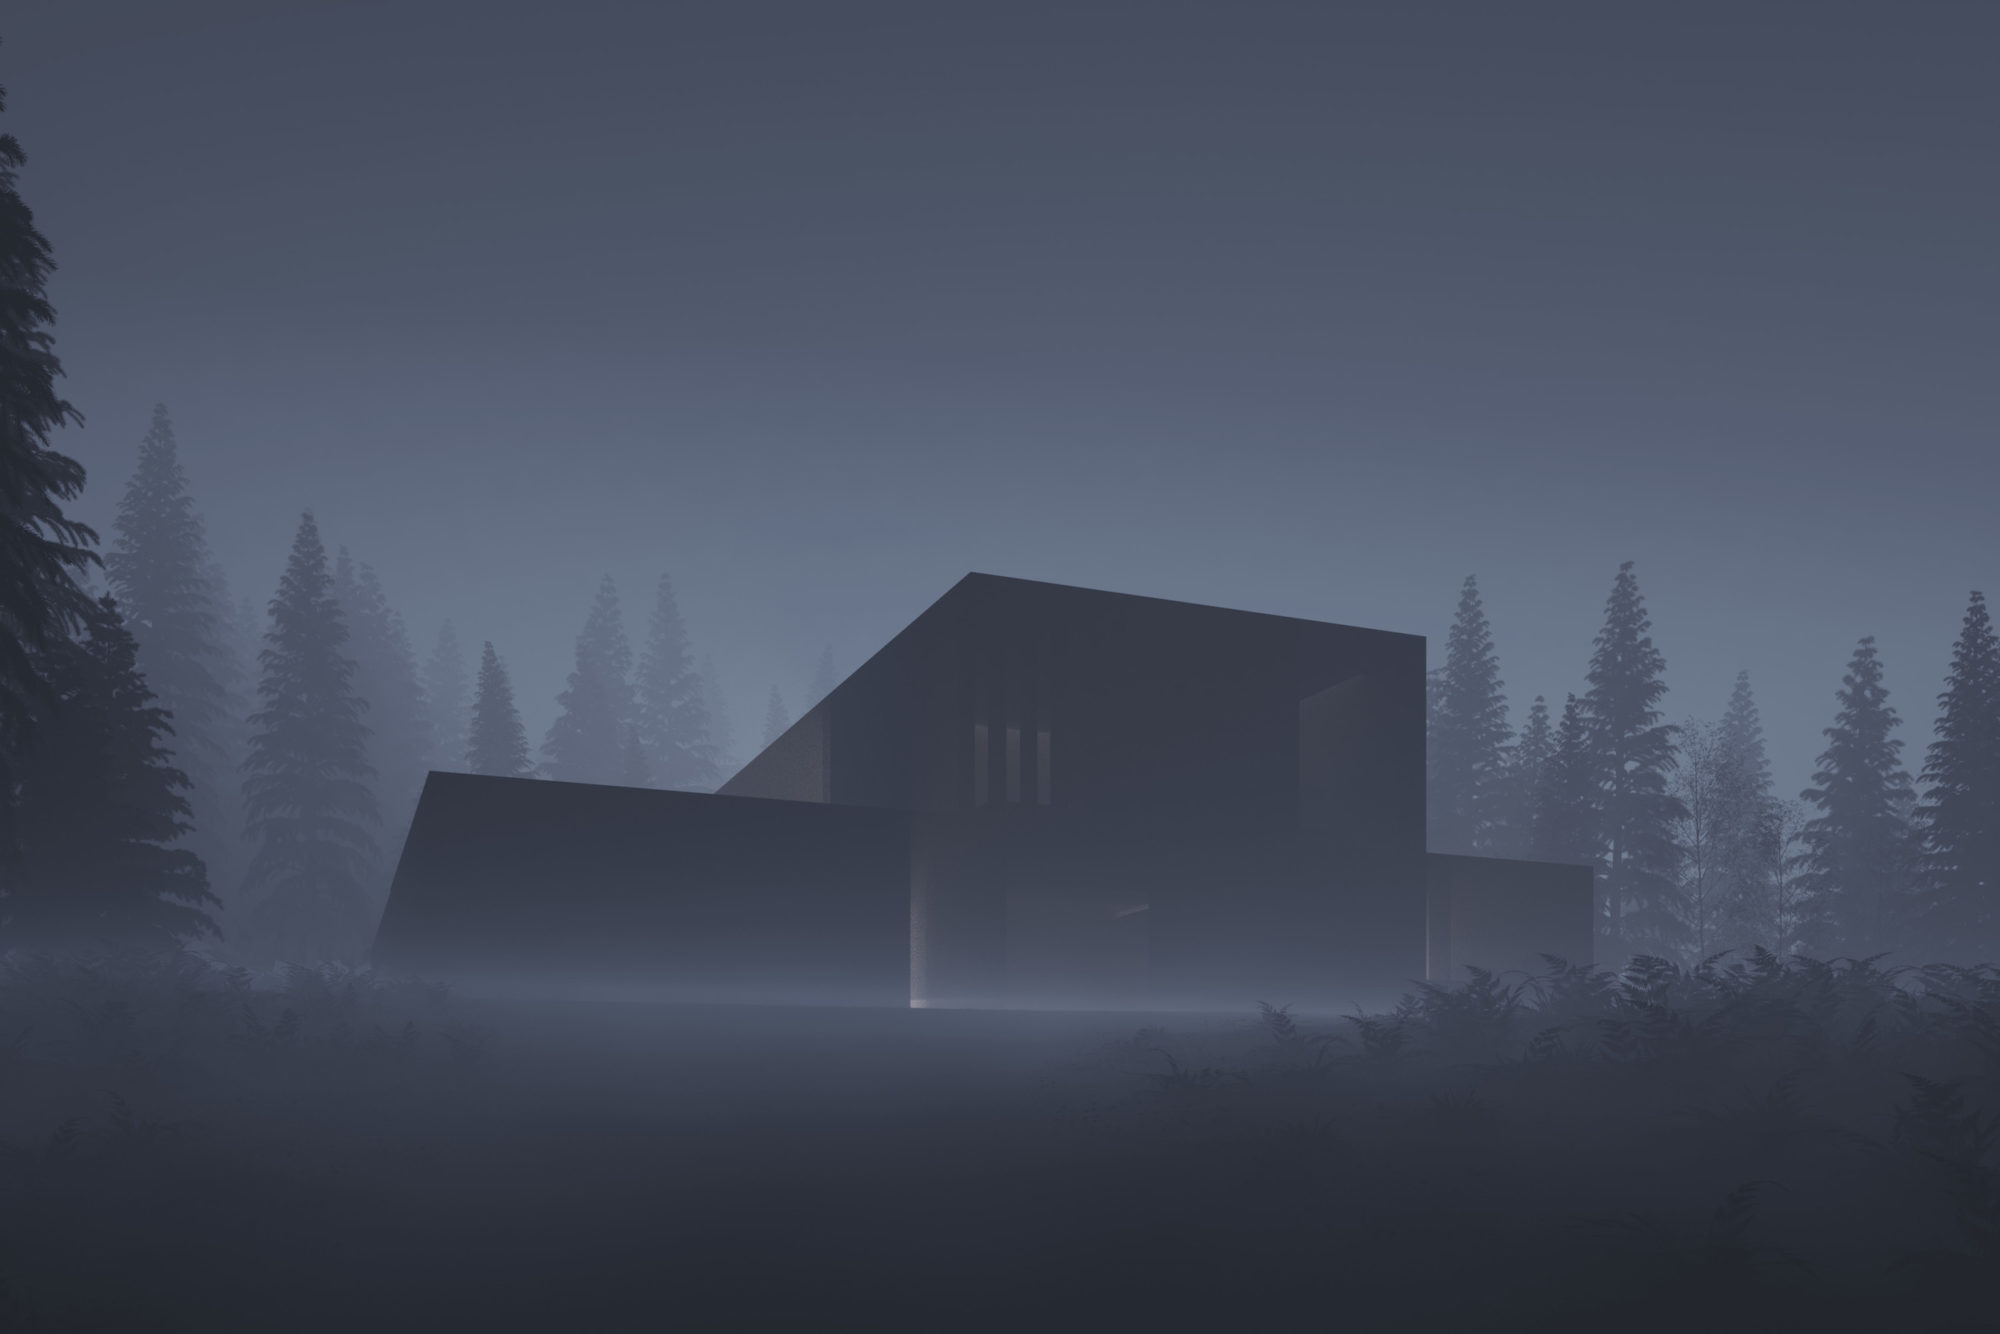 Carey House tutorial 08 - Atmosphere